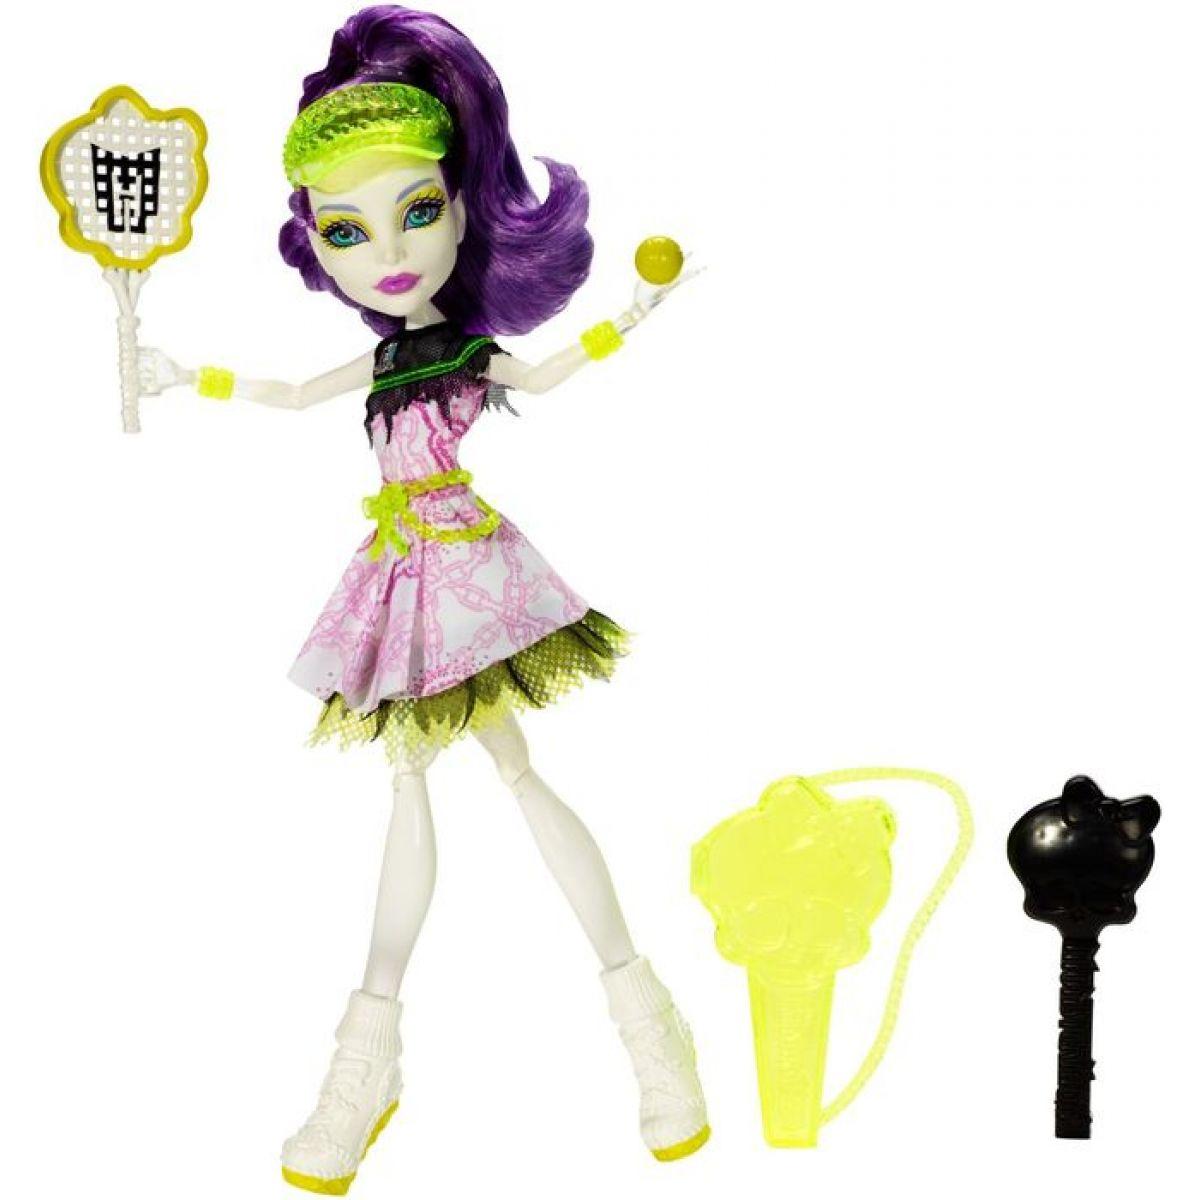 Mattel Monster High Sportovní příšerky - Spectra Vondergeist